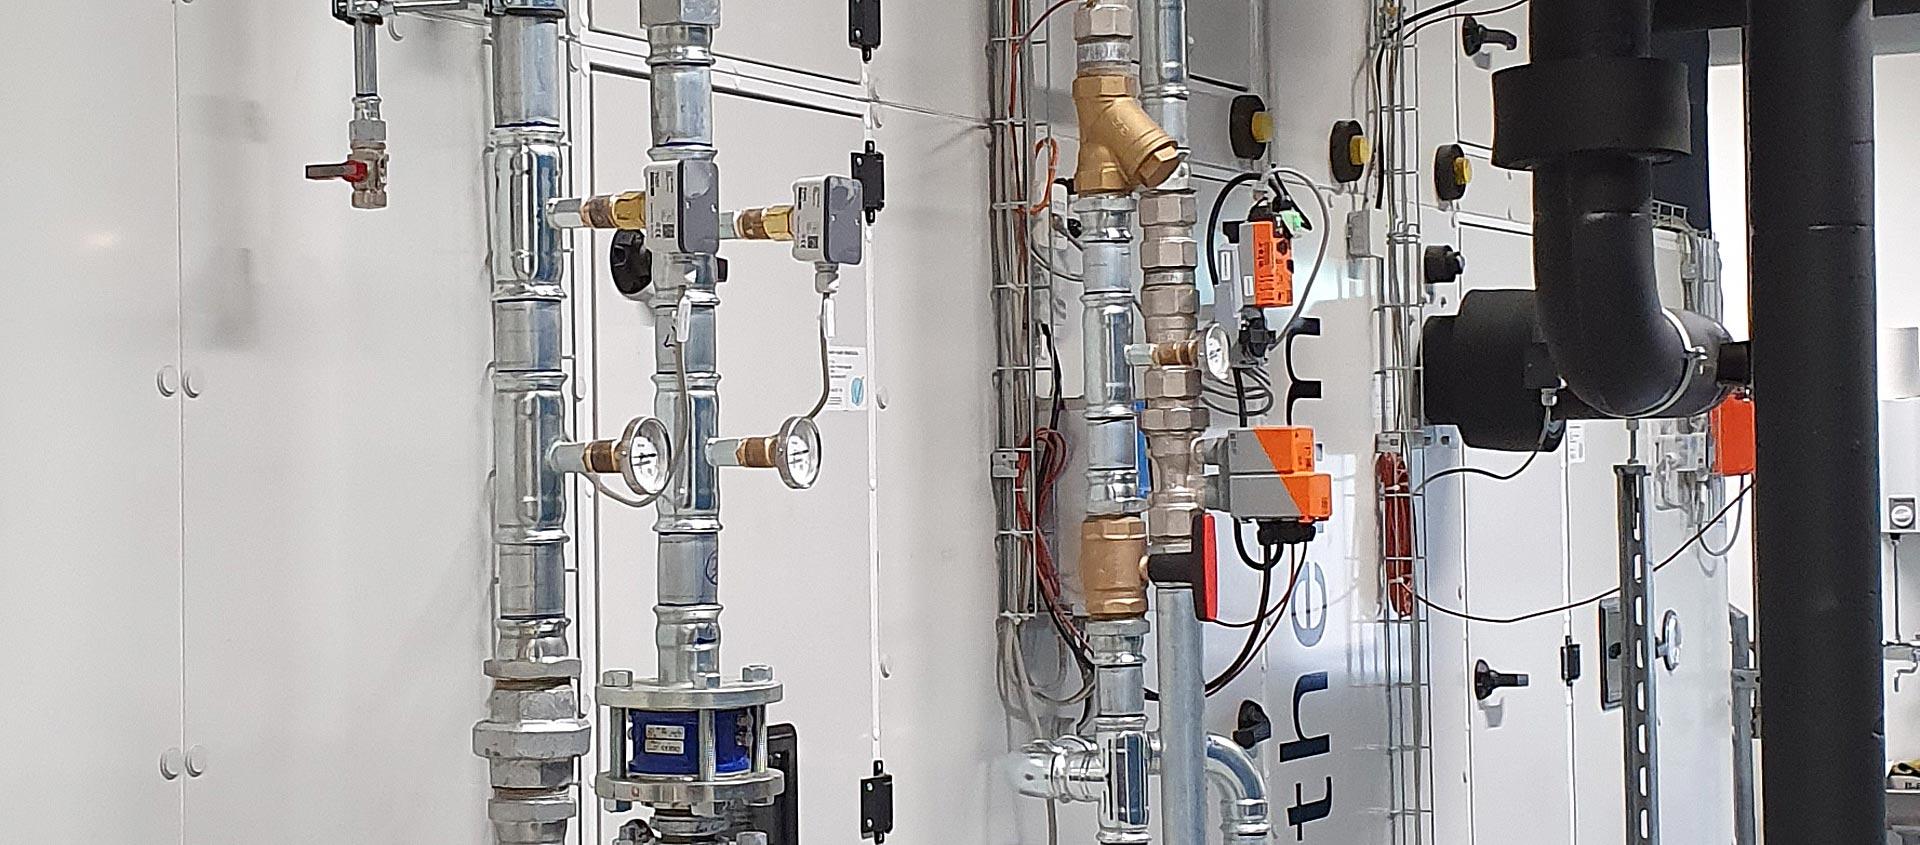 koehler-heizung-lueftung-sanitaer-leistungen-industrie-gewerbe-heizung-lueftung-sanitaer-waldkraiburg